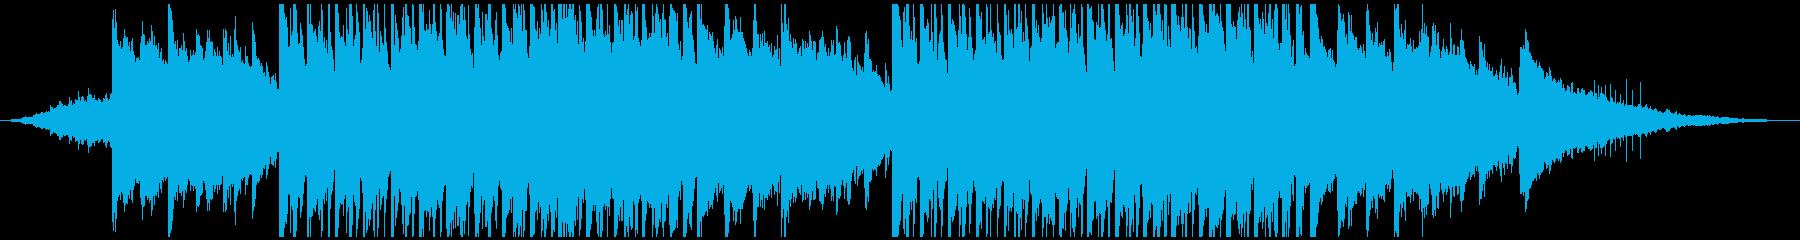 ピアノが印象的なポップなボサノバ風の再生済みの波形